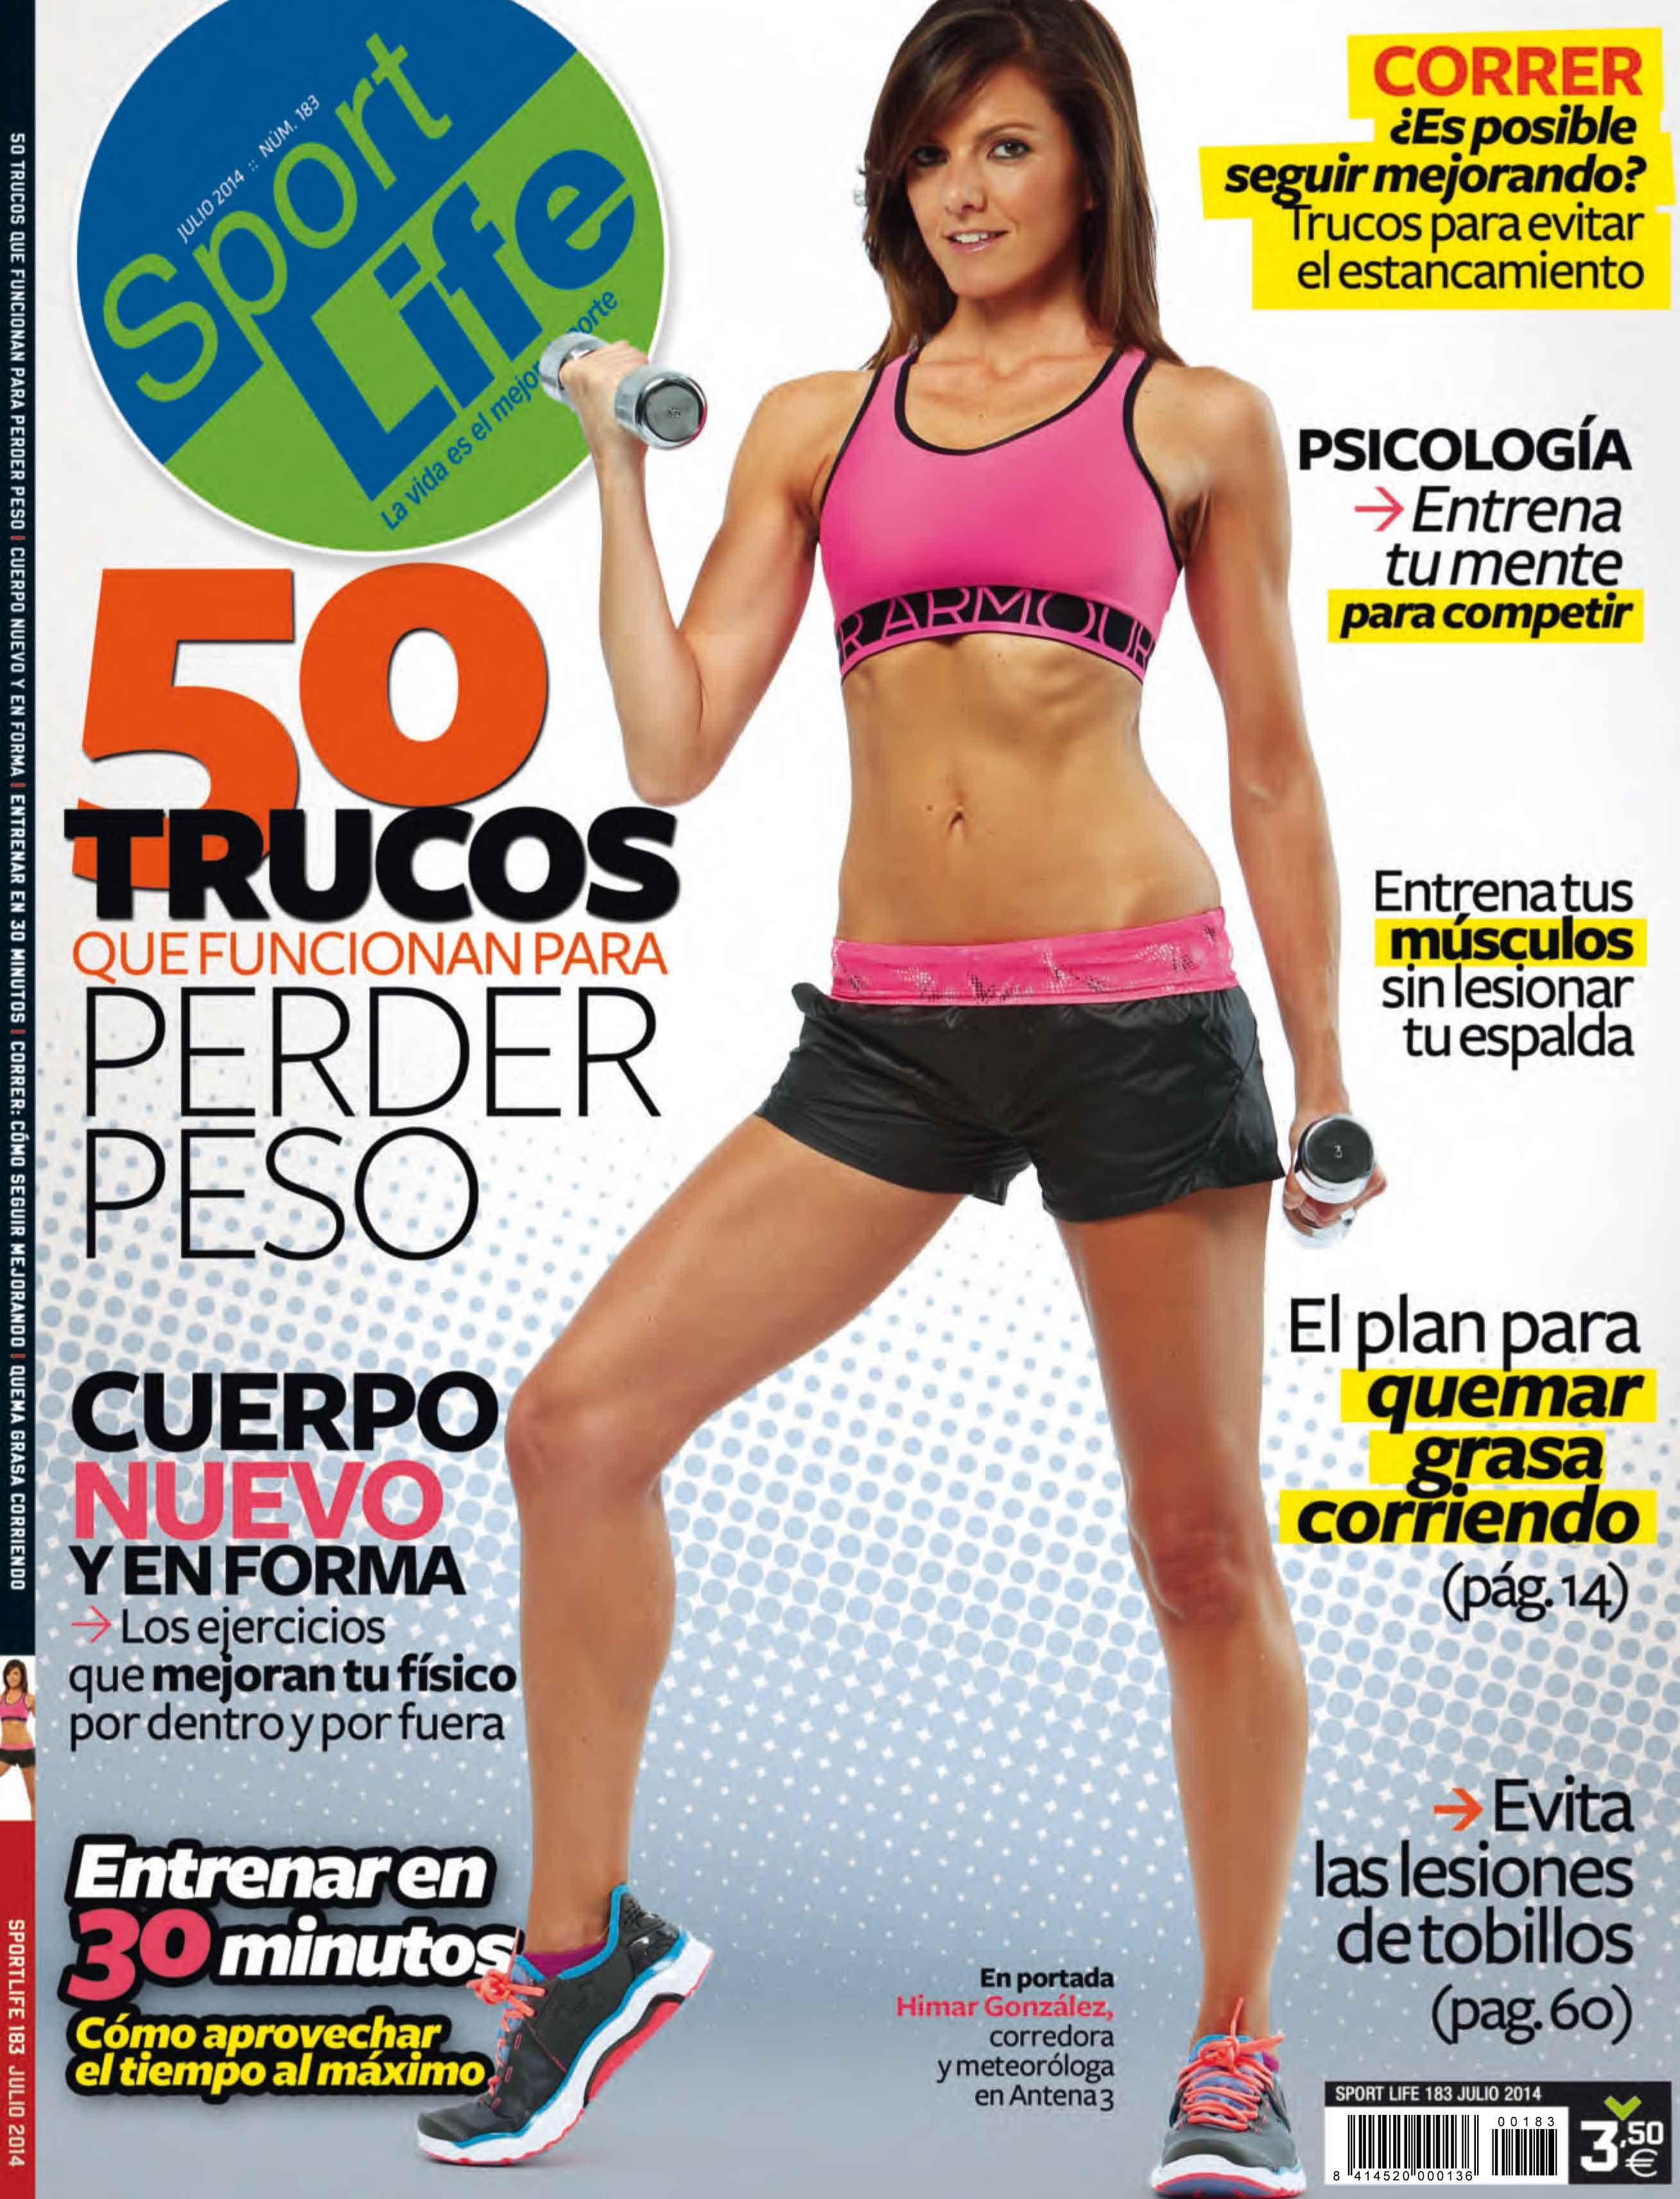 Sumario Sport Life 183 Julio 2014